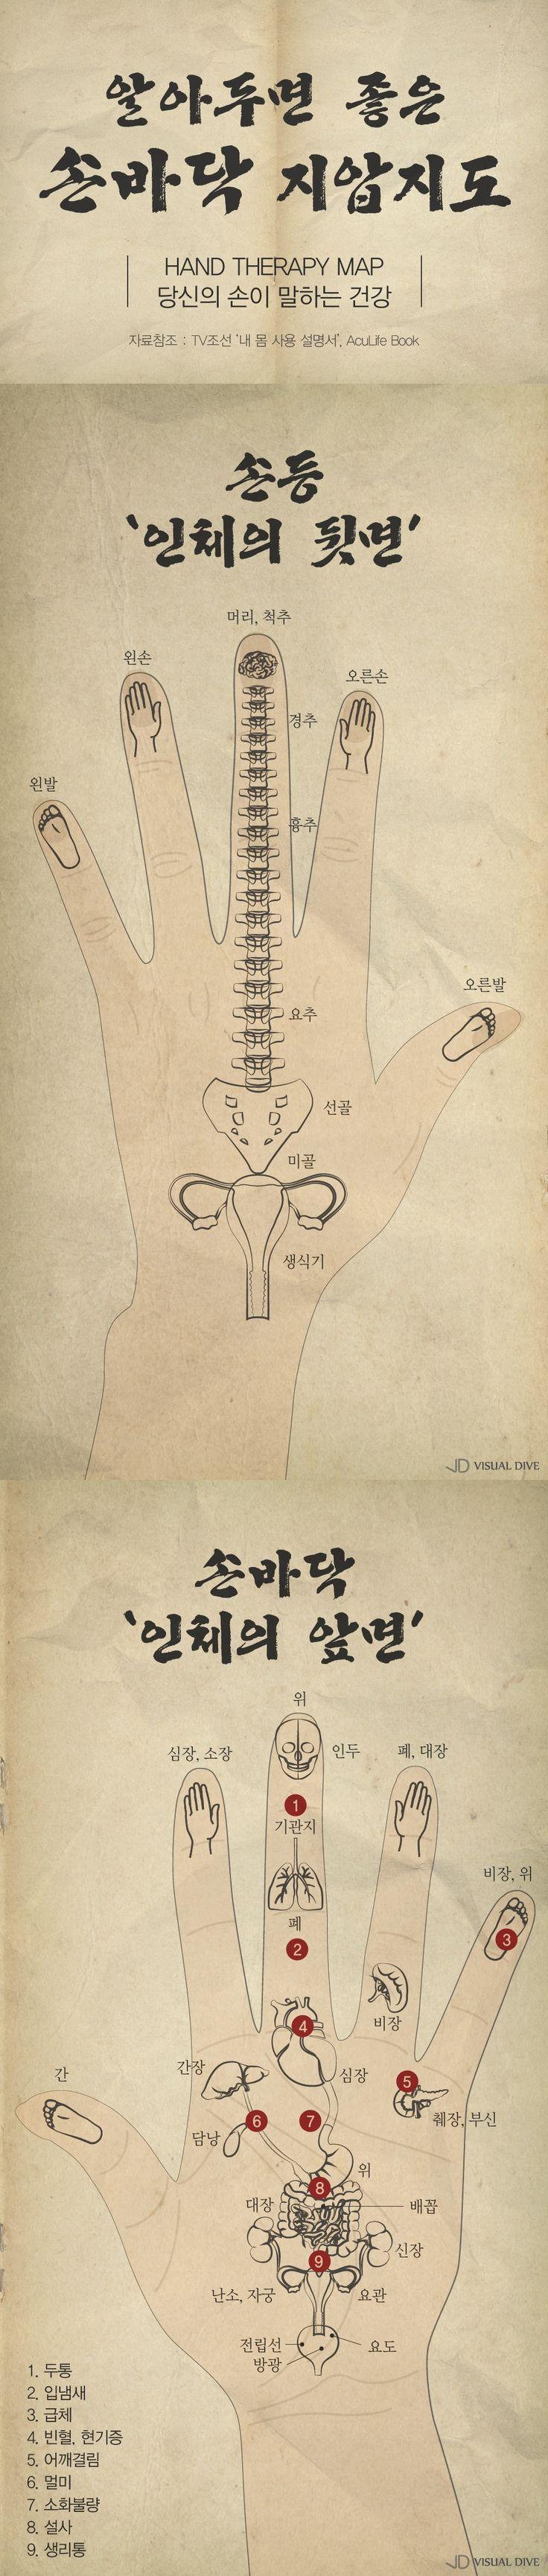 알아두면 좋은 '손바닥 지압도' [인포그래픽] #hand_therapy_map / #infographic ⓒ 비주얼다이브 무단 복사·전재·재배포…